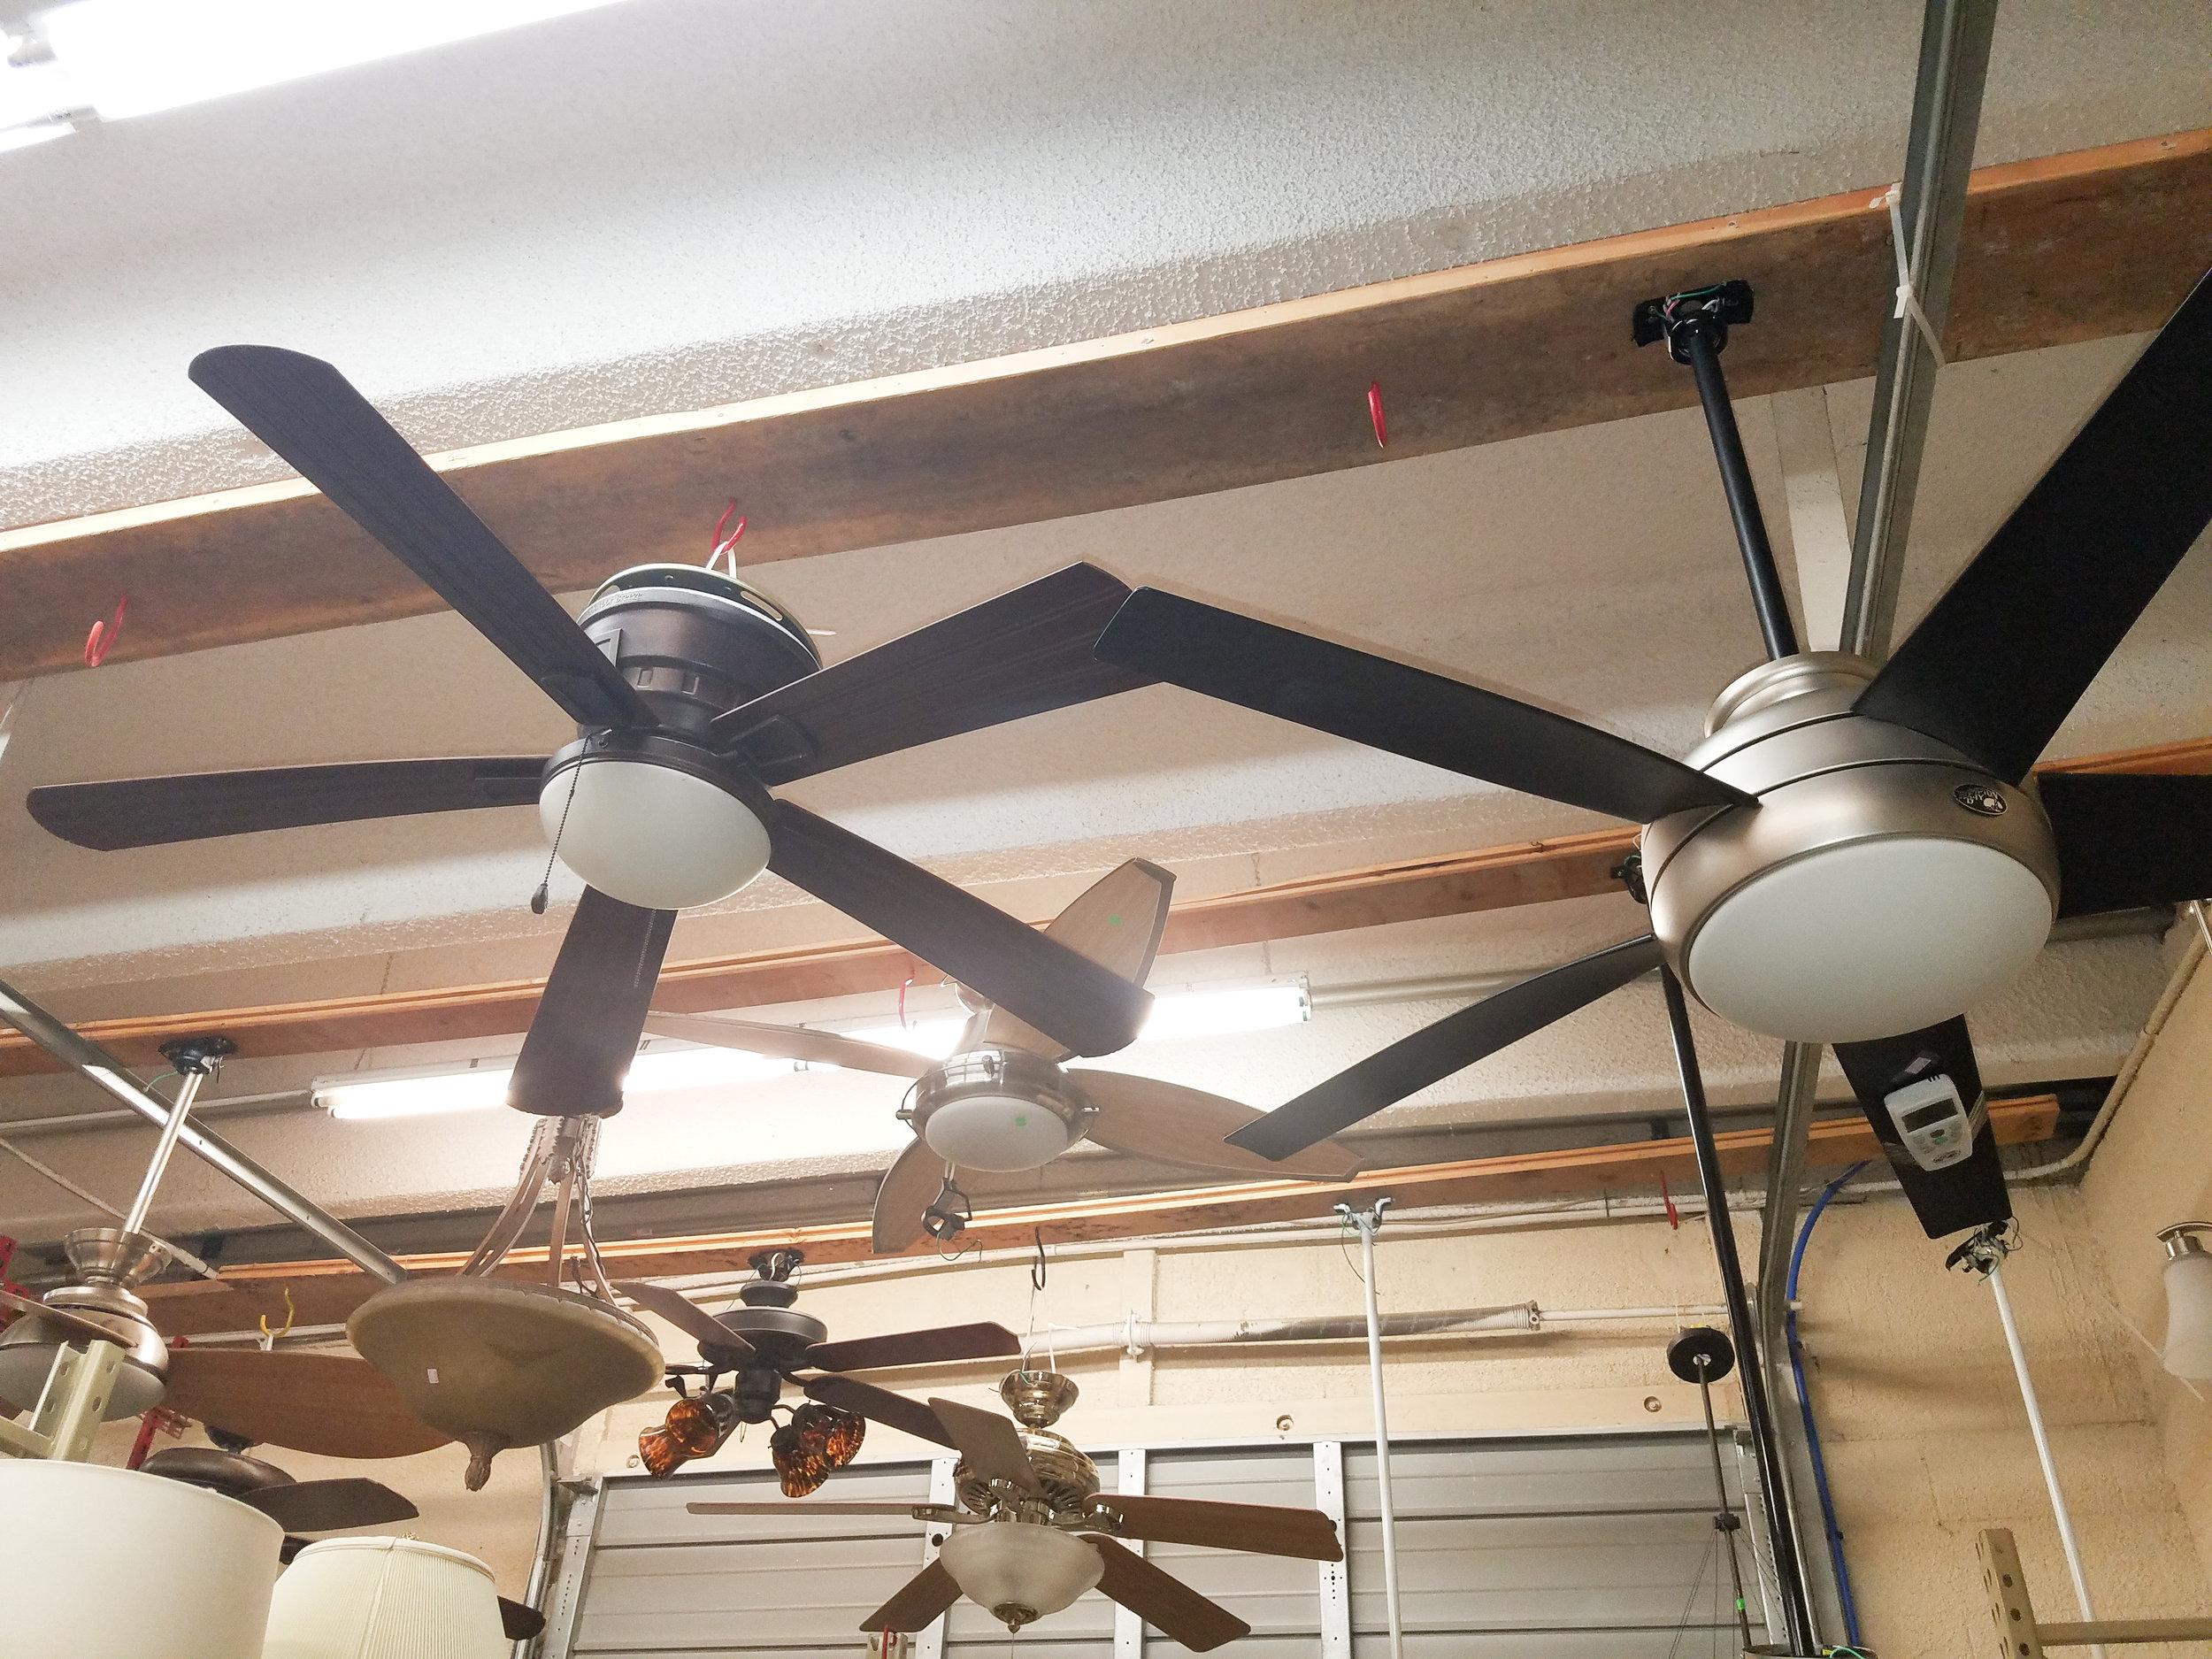 air fans edited.jpg